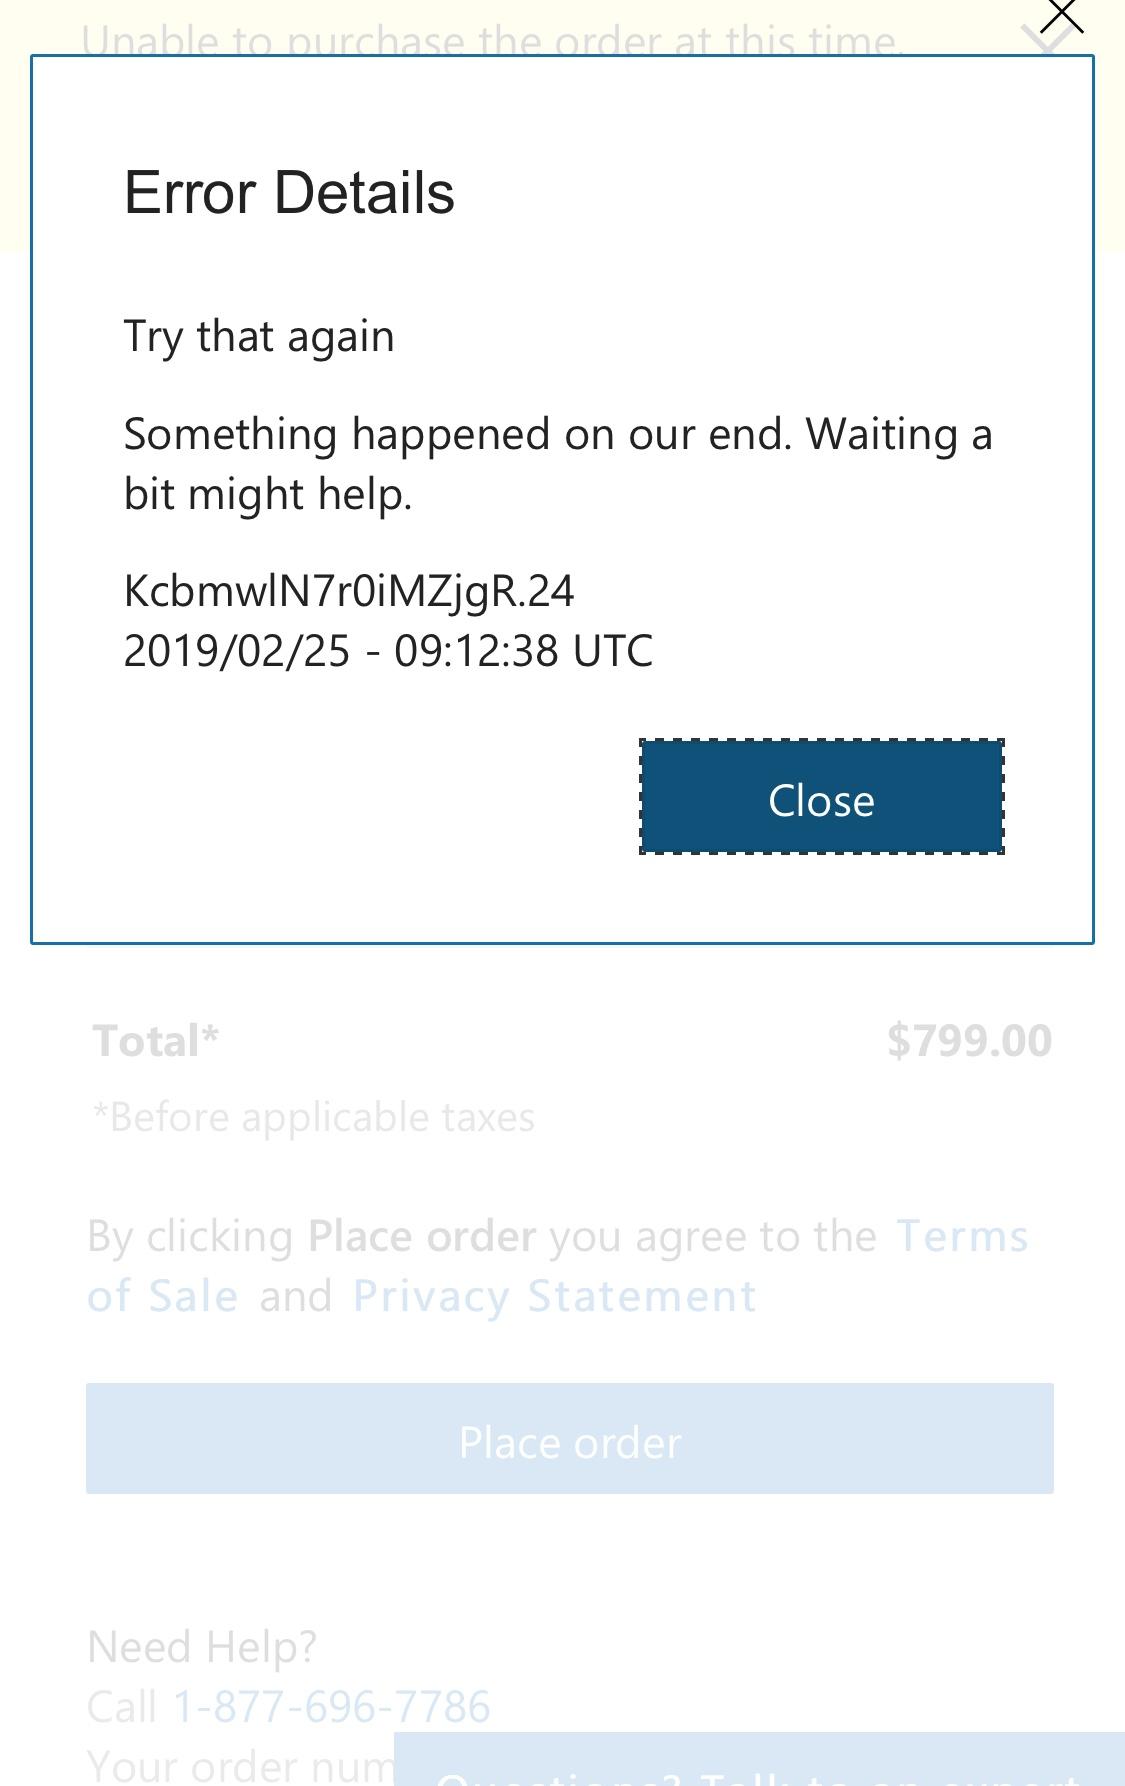 No Solution After Months 5a2dd1f5-4d09-4716-a593-a036a125e545?upload=true.jpg